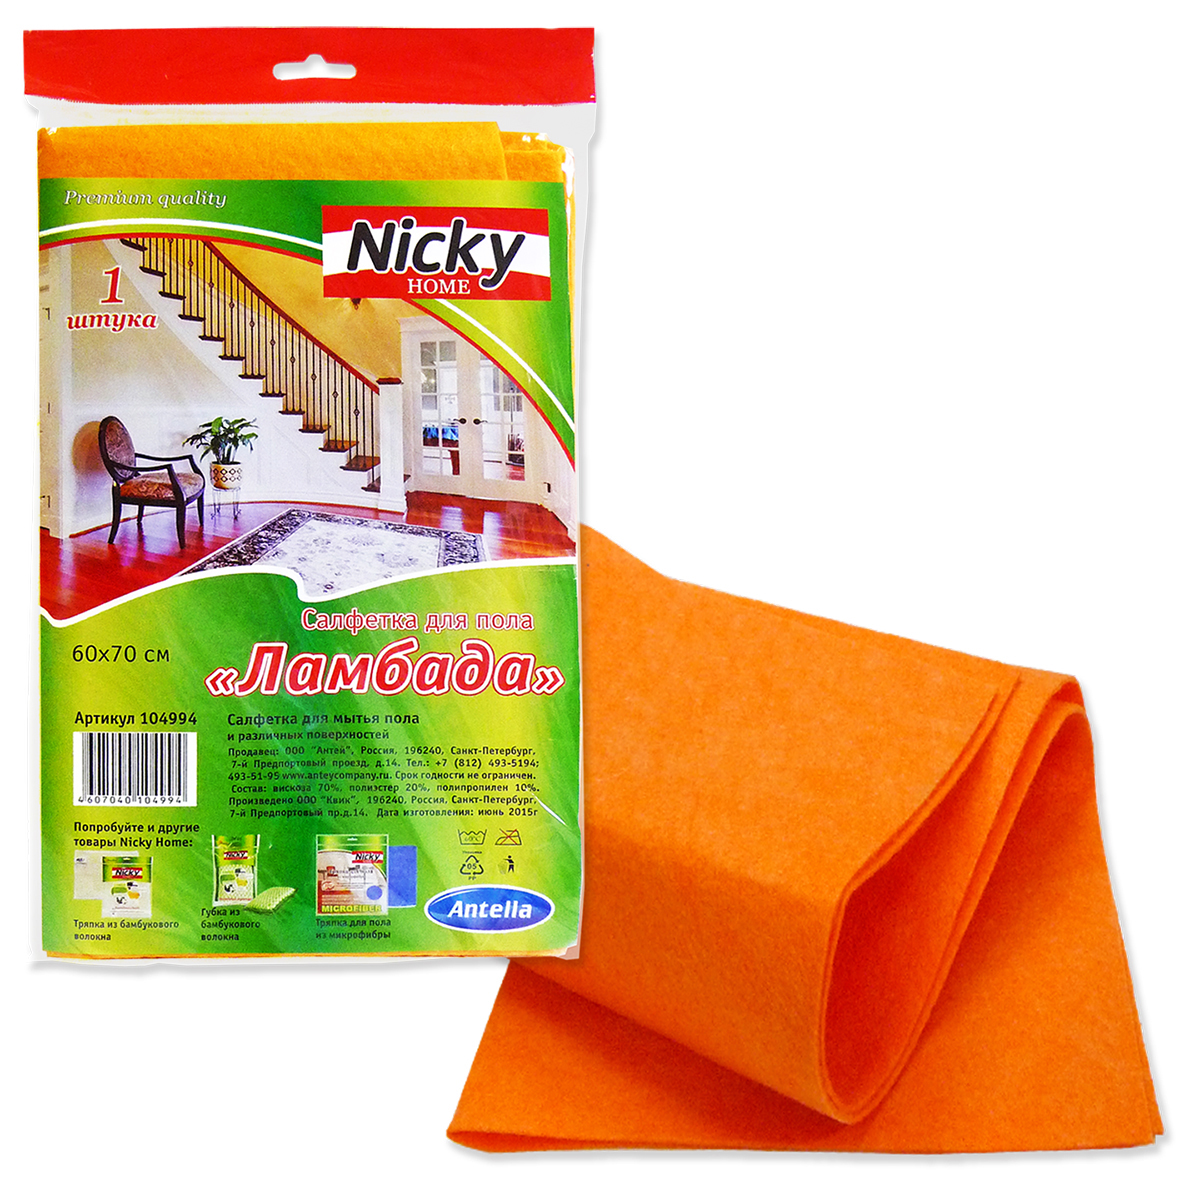 Салфетка для пола Nicky Home Ламбада, повышенной плотности, цвет: оранжевый, 60 х 70 см